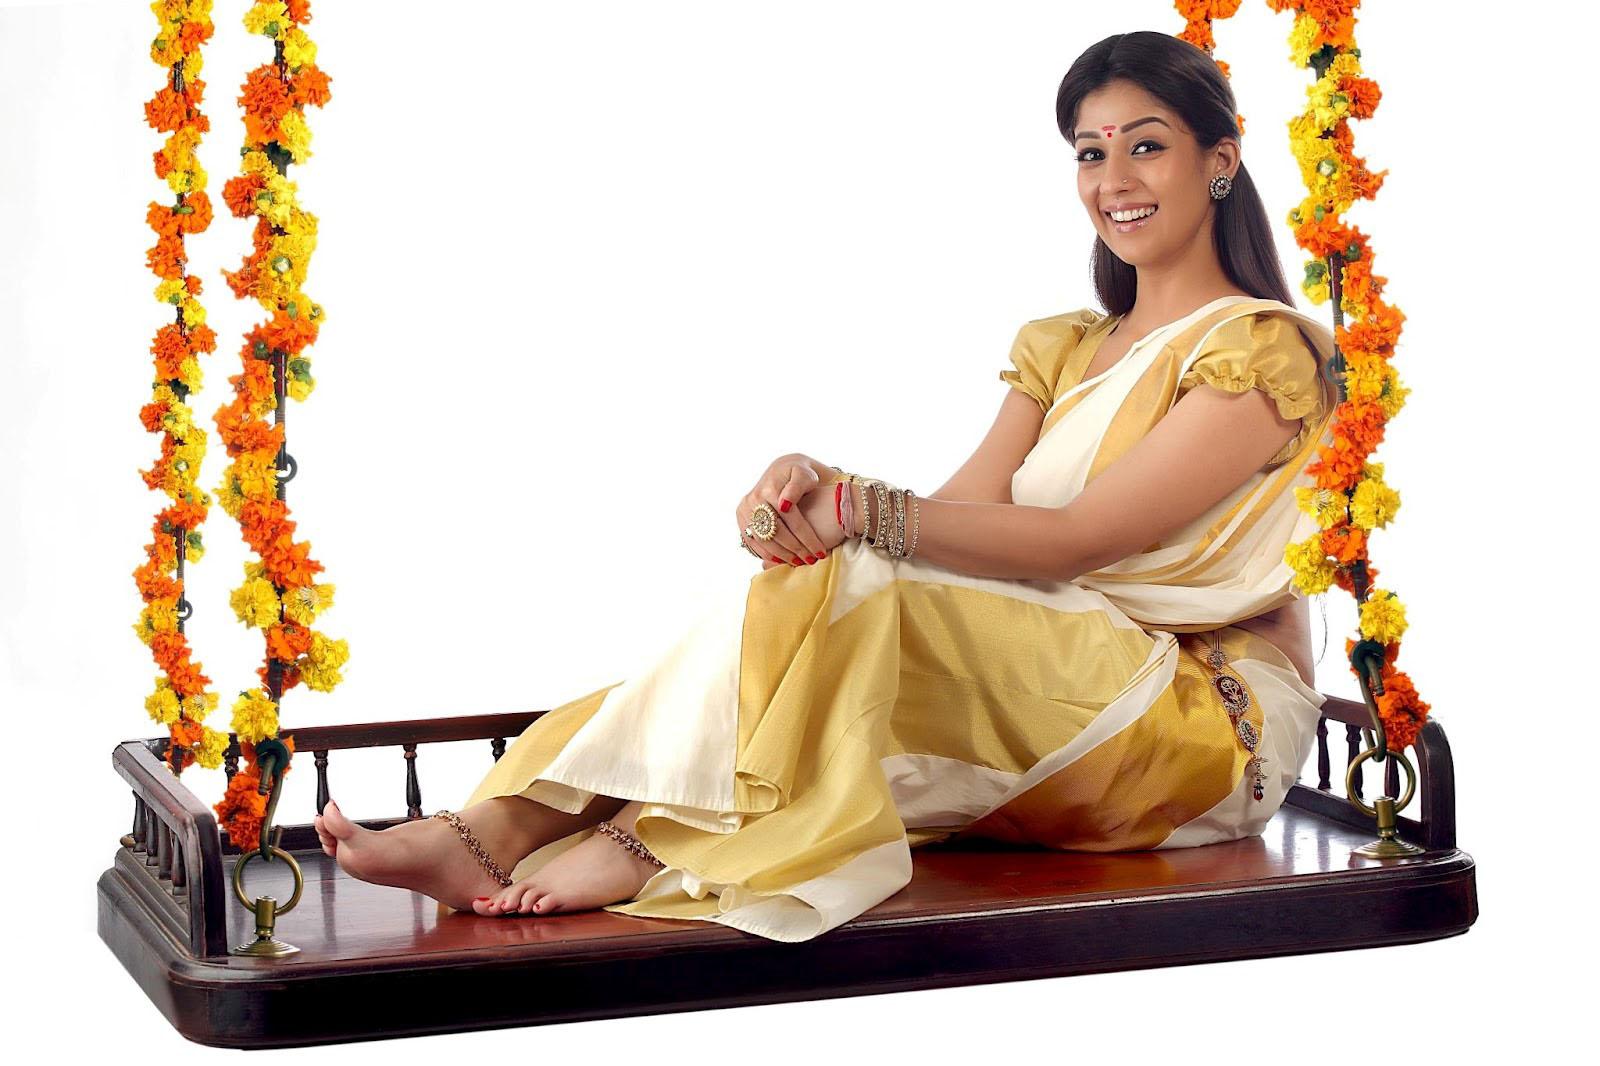 Nayanthara Gorgeous Photoshoot in Onam Dress